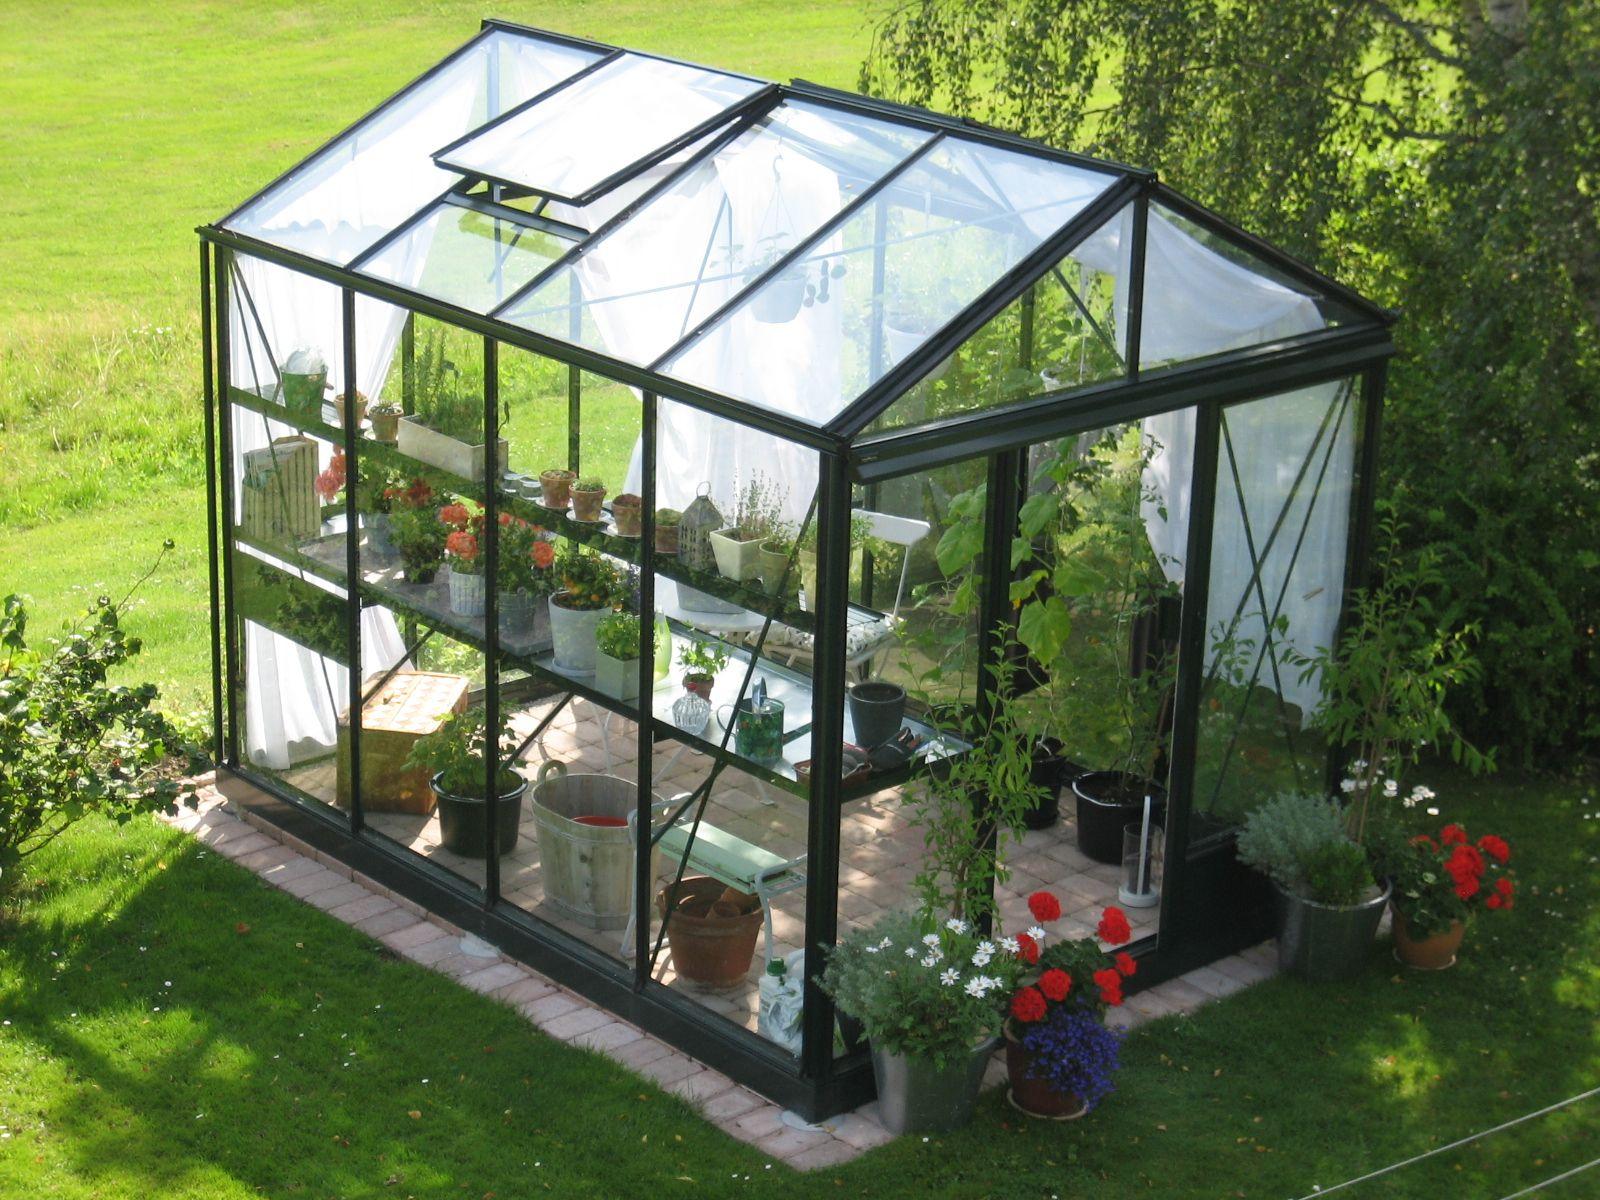 willab garden v xthus maxi 3 willab garden v xthus pinterest v xthus uterum och balkong. Black Bedroom Furniture Sets. Home Design Ideas